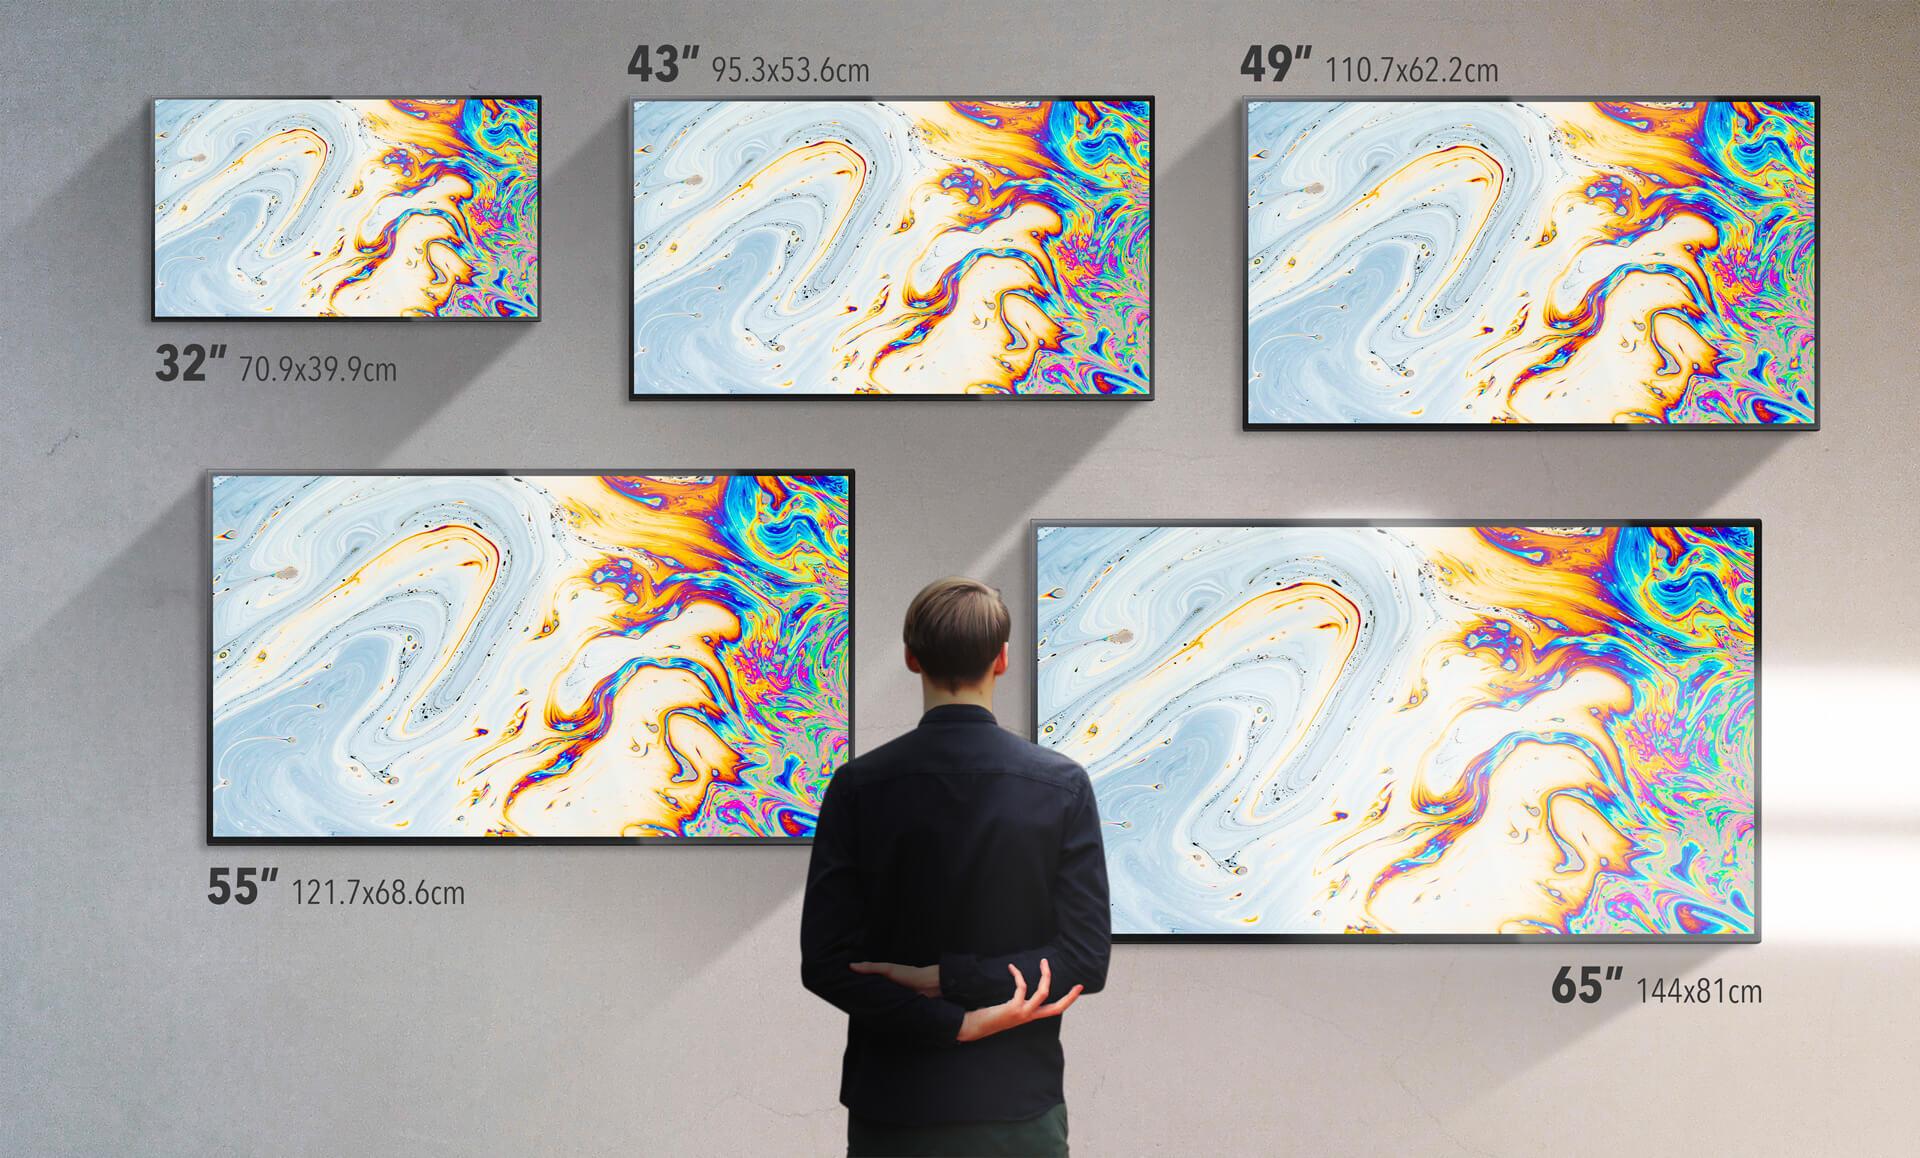 dimensioni dei monitor